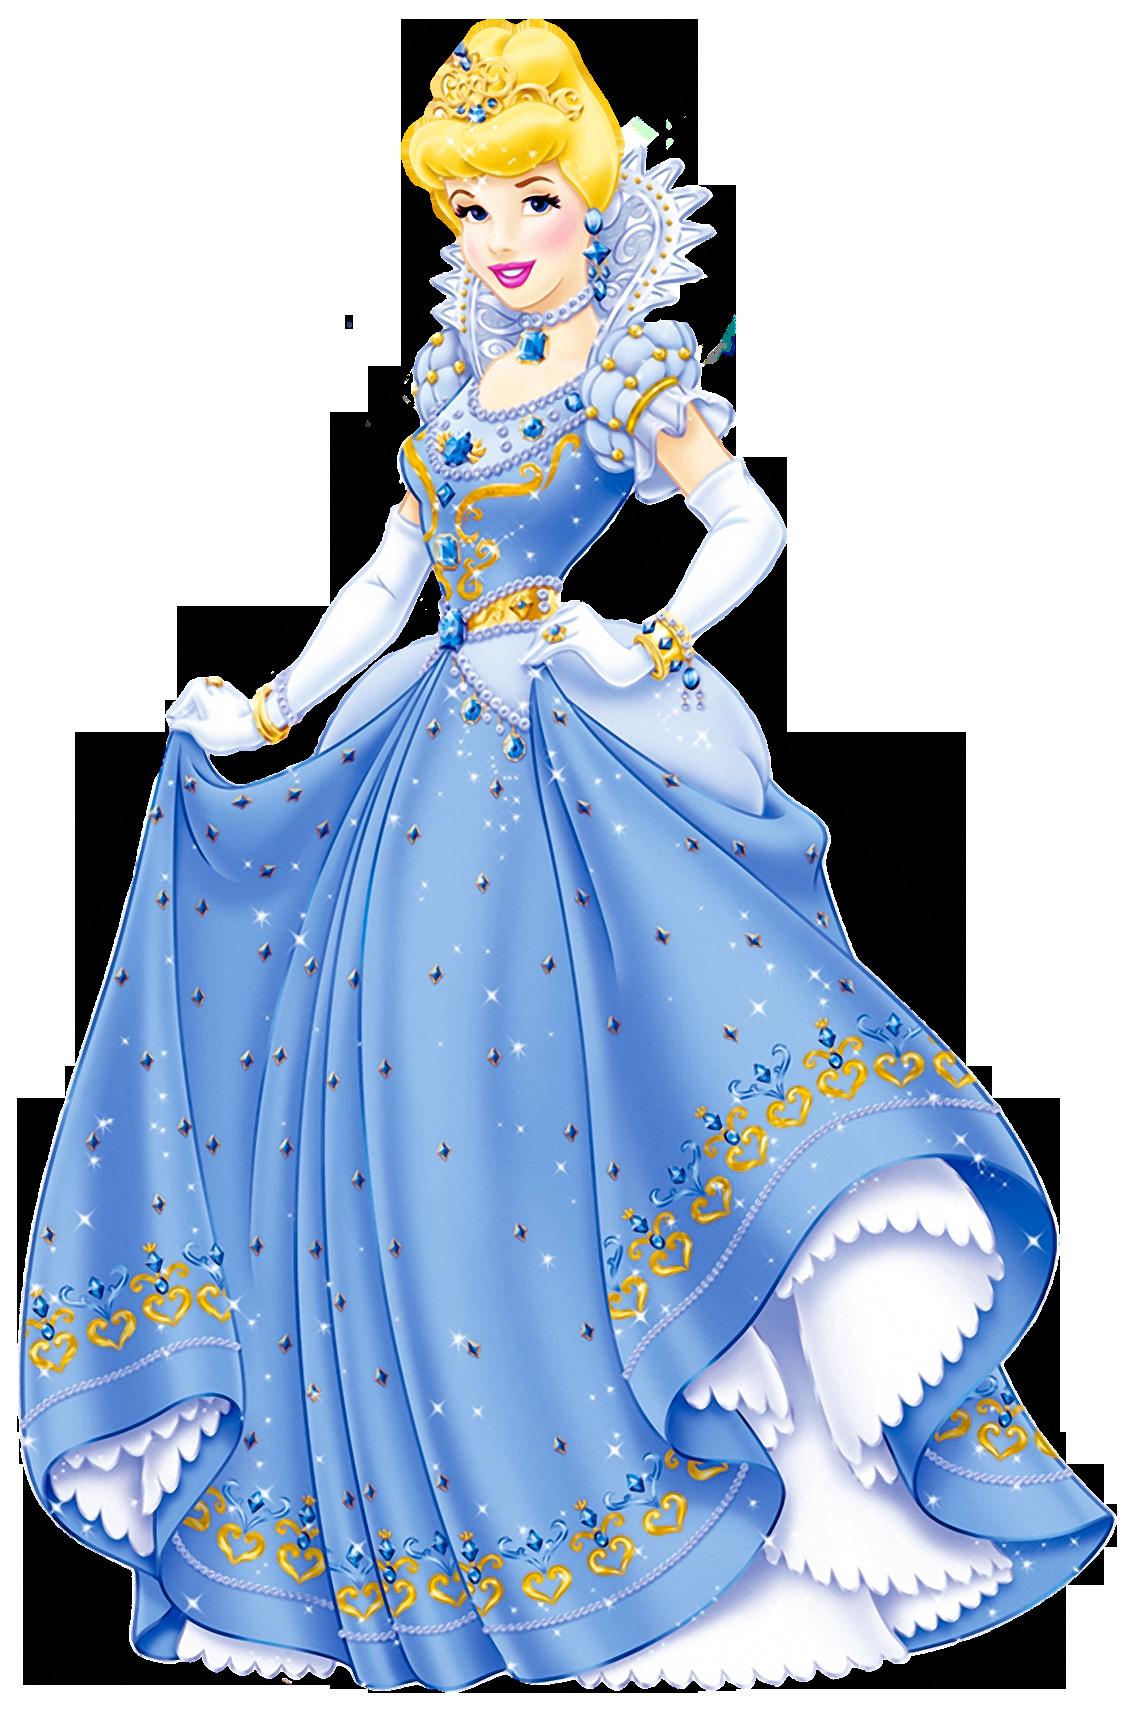 Transparent Princess Png Clipart Cinderella Disney Princess Png